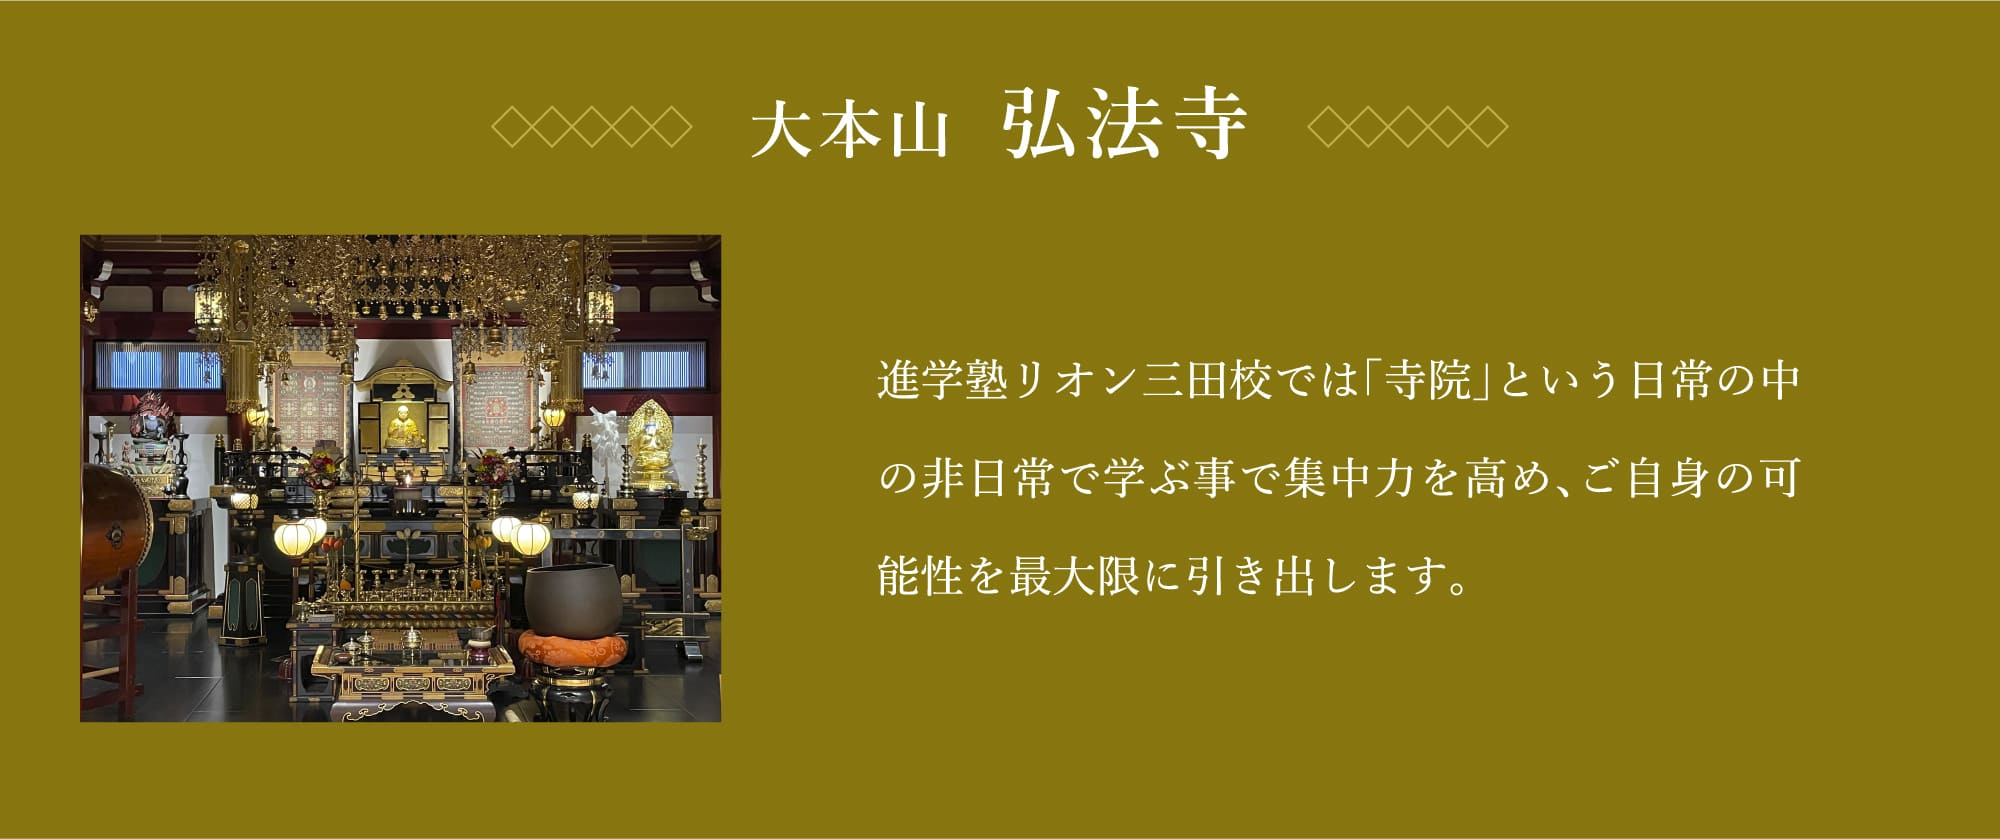 大本山 弘法寺